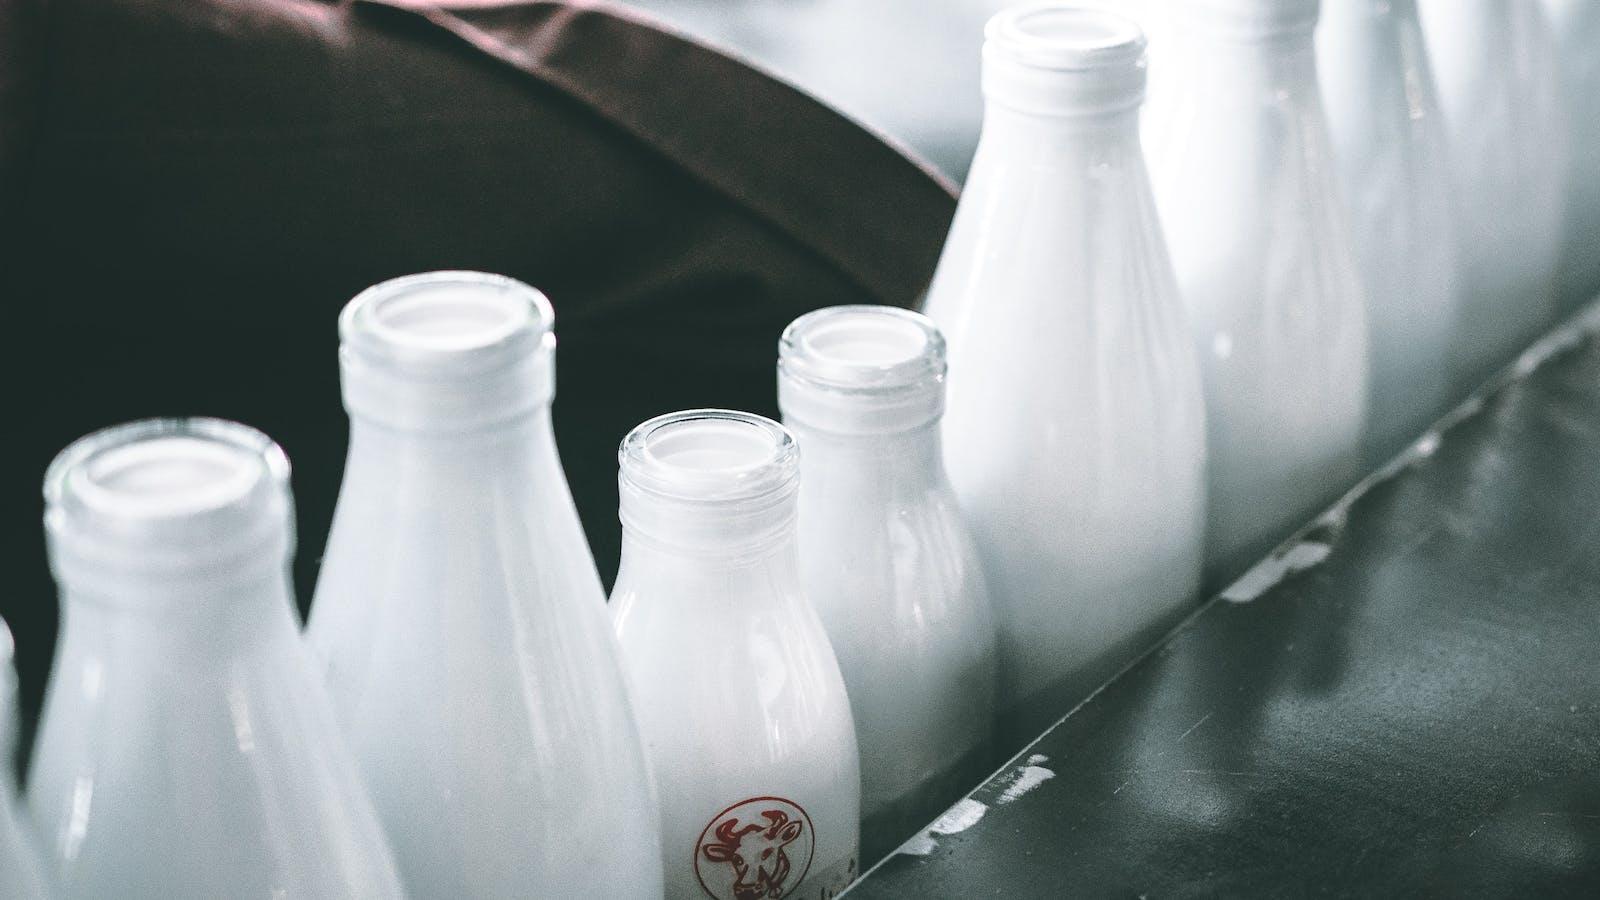 Bouteilles de lait alignées en diagonale